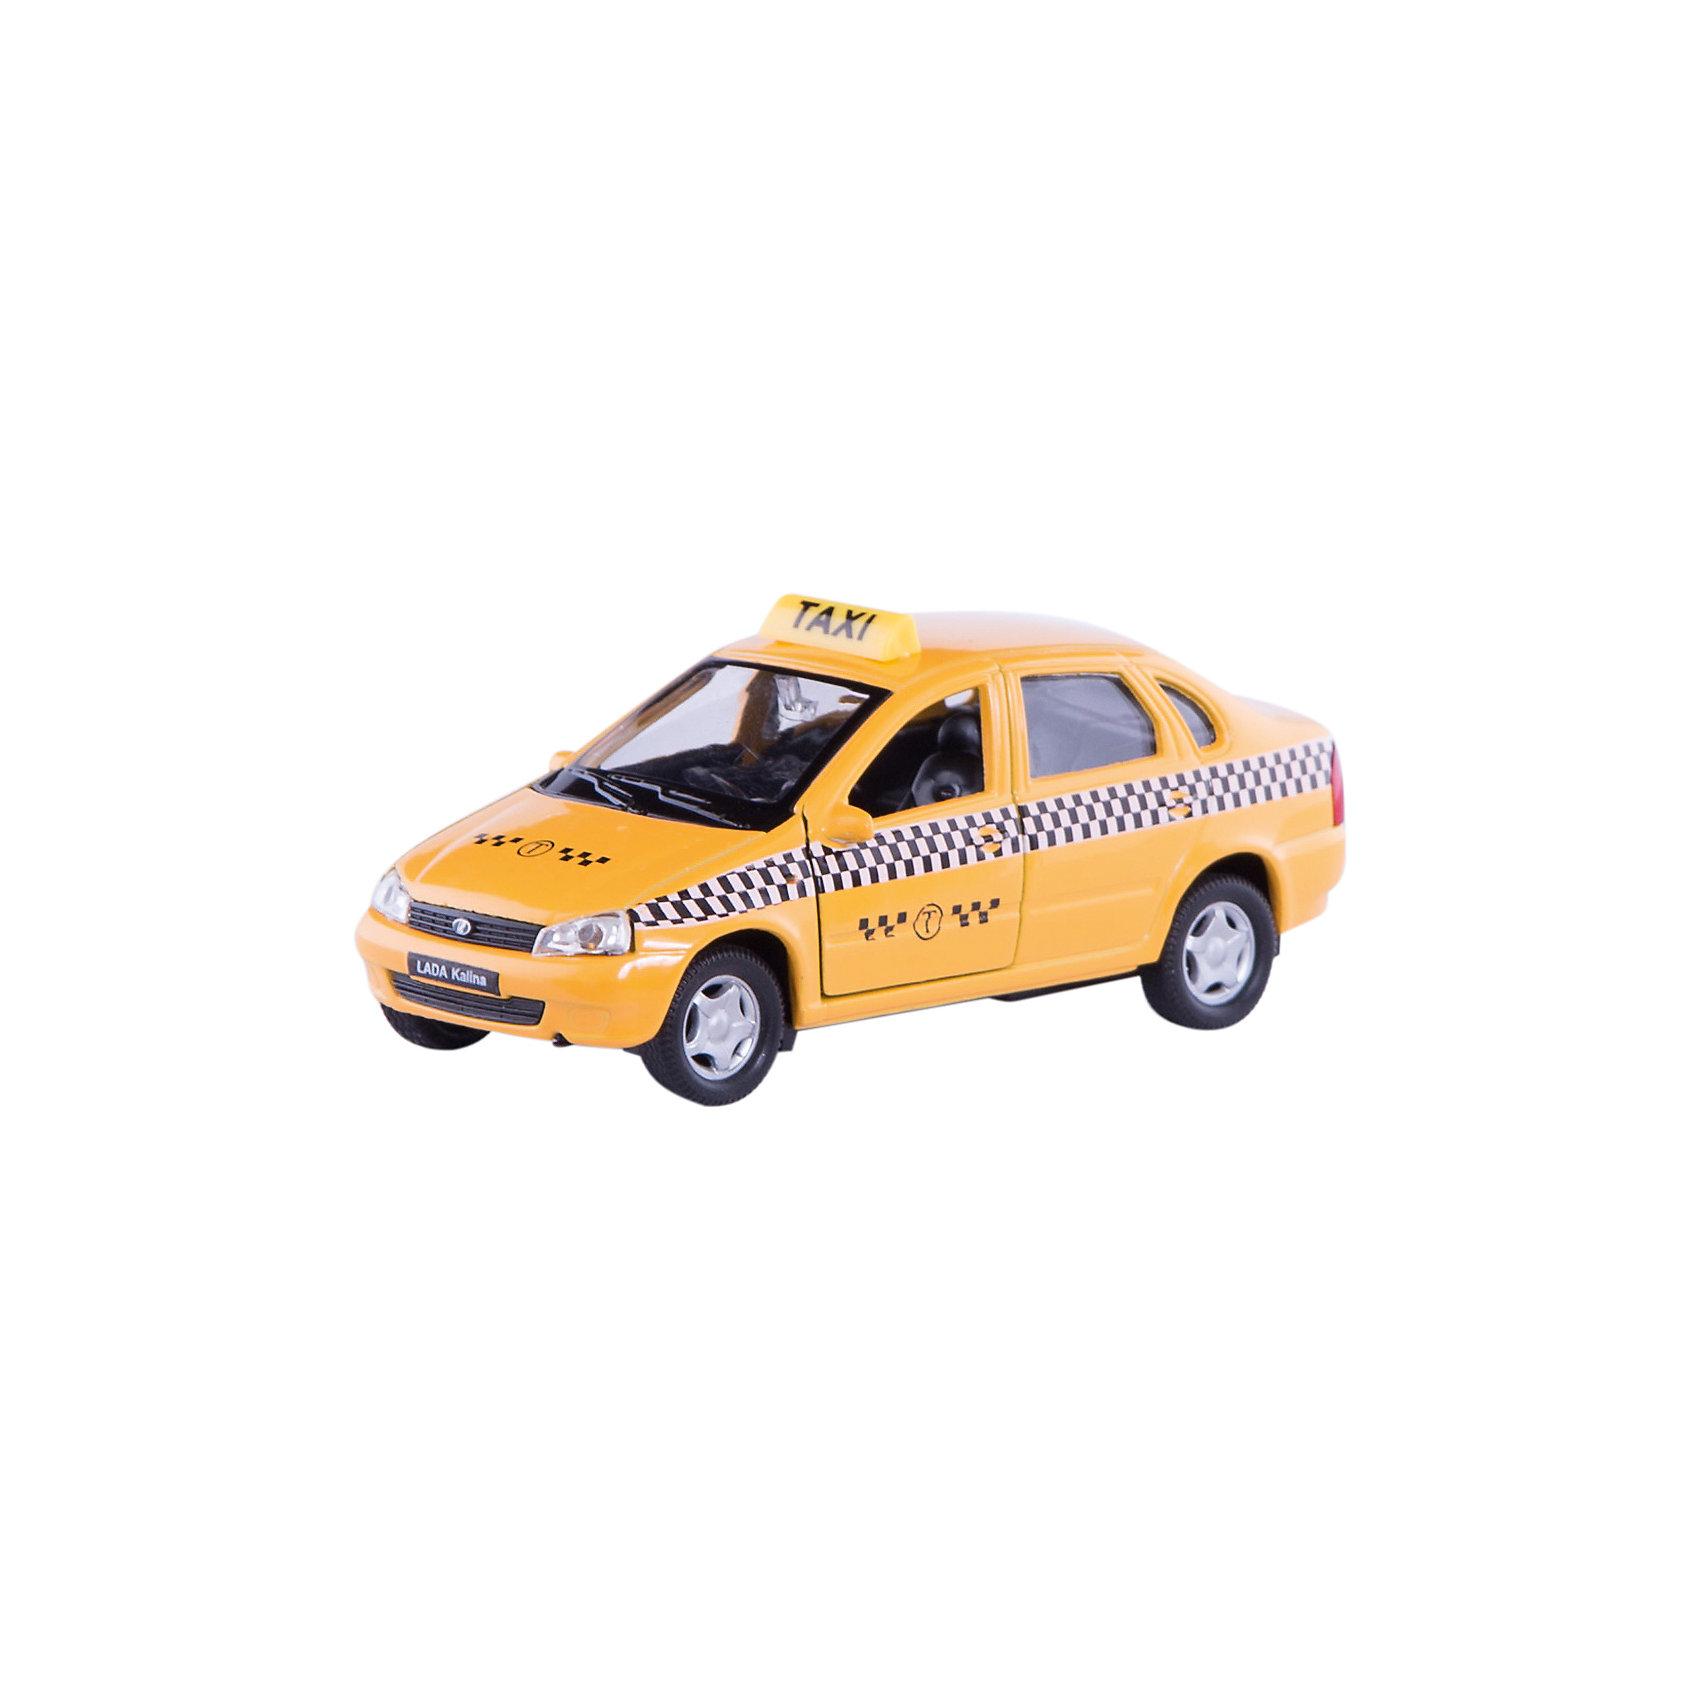 Welly Модель машины 1:34-39 LADA Kalina ТаксиWelly Модель машины 1:34-39 LADA Kalina Такси<br><br>Характеристика:<br><br>-Размер : 17х7х11 см<br>-Вес: 0,2 кг<br>-Для мальчиков<br>-Возраст: от 3 лет<br>-Материал: пластик, металл, резина<br>-Цвет: жёлтый,чёрный <br>-Бренд: Welly<br>-Производитель: Китай<br><br>Welly Модель машины 1:34-39 LADA Kalina Такси - это уменьшенная версия настоящей машины Такси. С такой машиной игры станут не только интереснее. Машина похожа на те Такси, что ребёнок может видеть на улицах города. От этого игра станет ближе к реальности.<br><br>Ширина мм: 150<br>Глубина мм: 60<br>Высота мм: 120<br>Вес г: 184<br>Возраст от месяцев: 84<br>Возраст до месяцев: 1188<br>Пол: Мужской<br>Возраст: Детский<br>SKU: 2150195